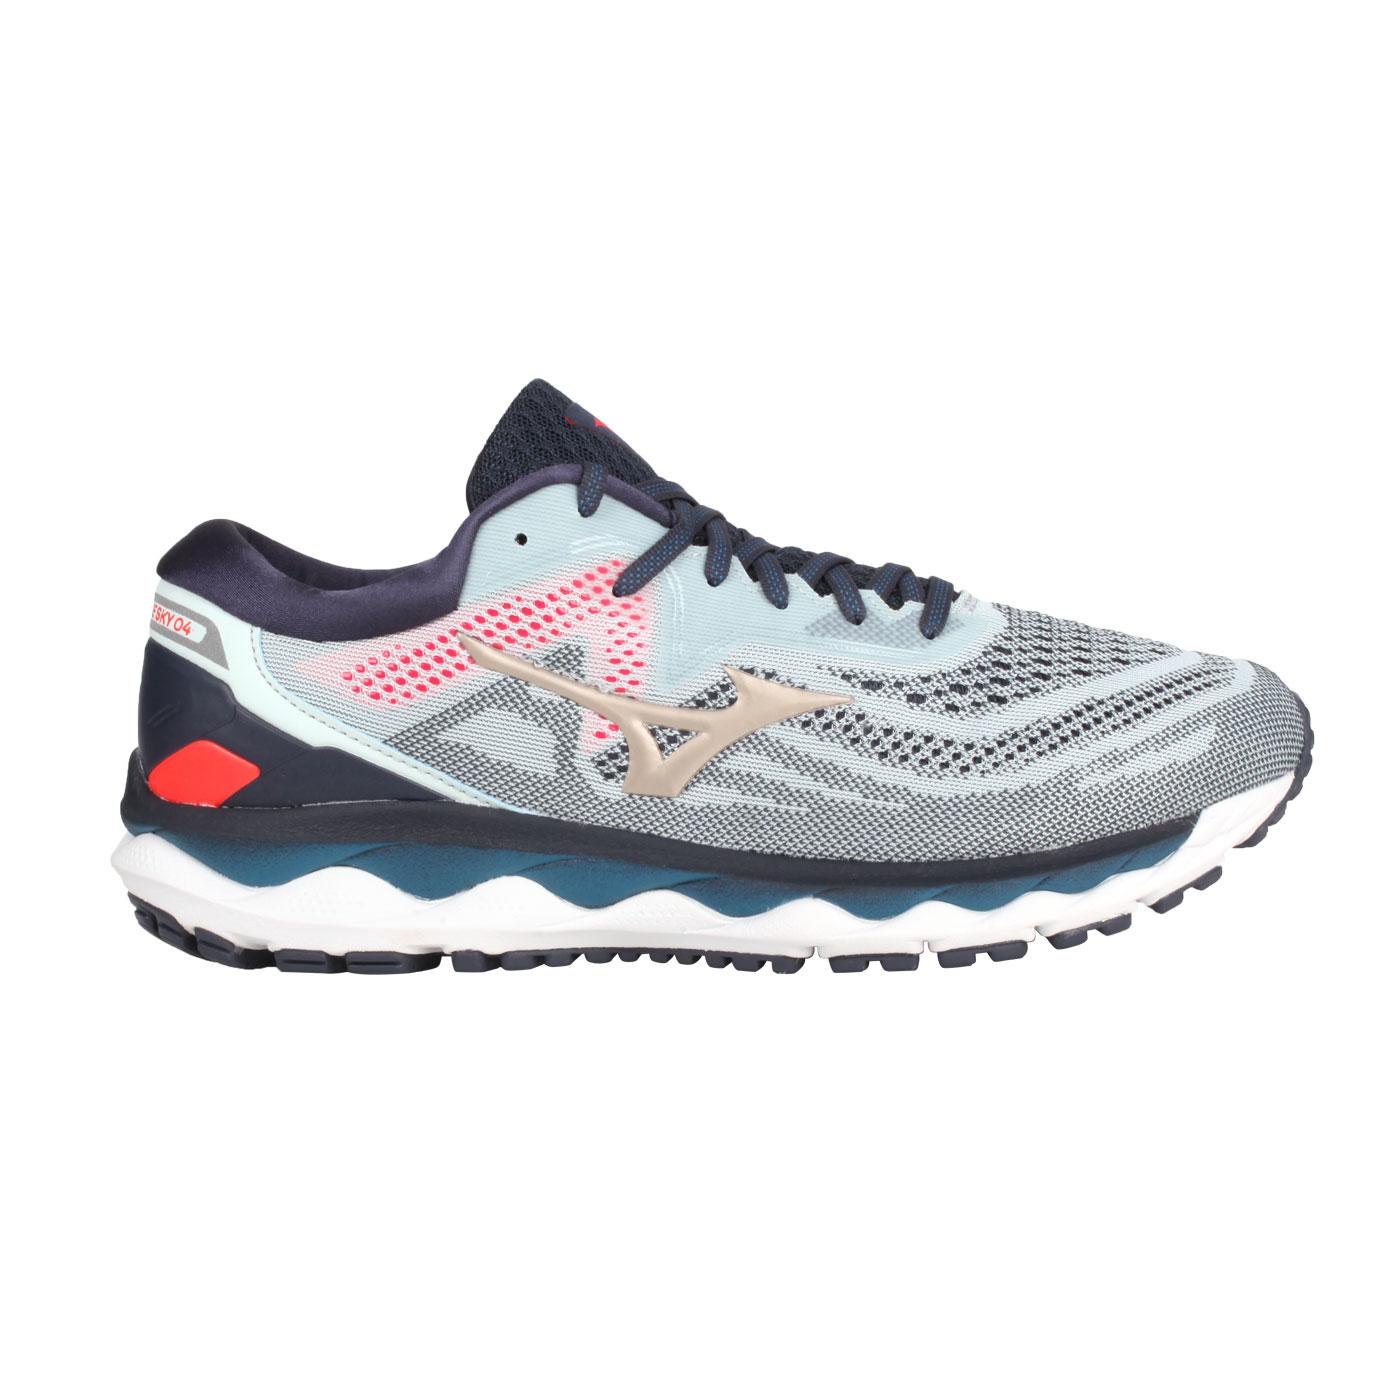 MIZUNO 男款慢跑鞋  @WAVE SKY 4@J1GC200242 - 丈青淺藍金